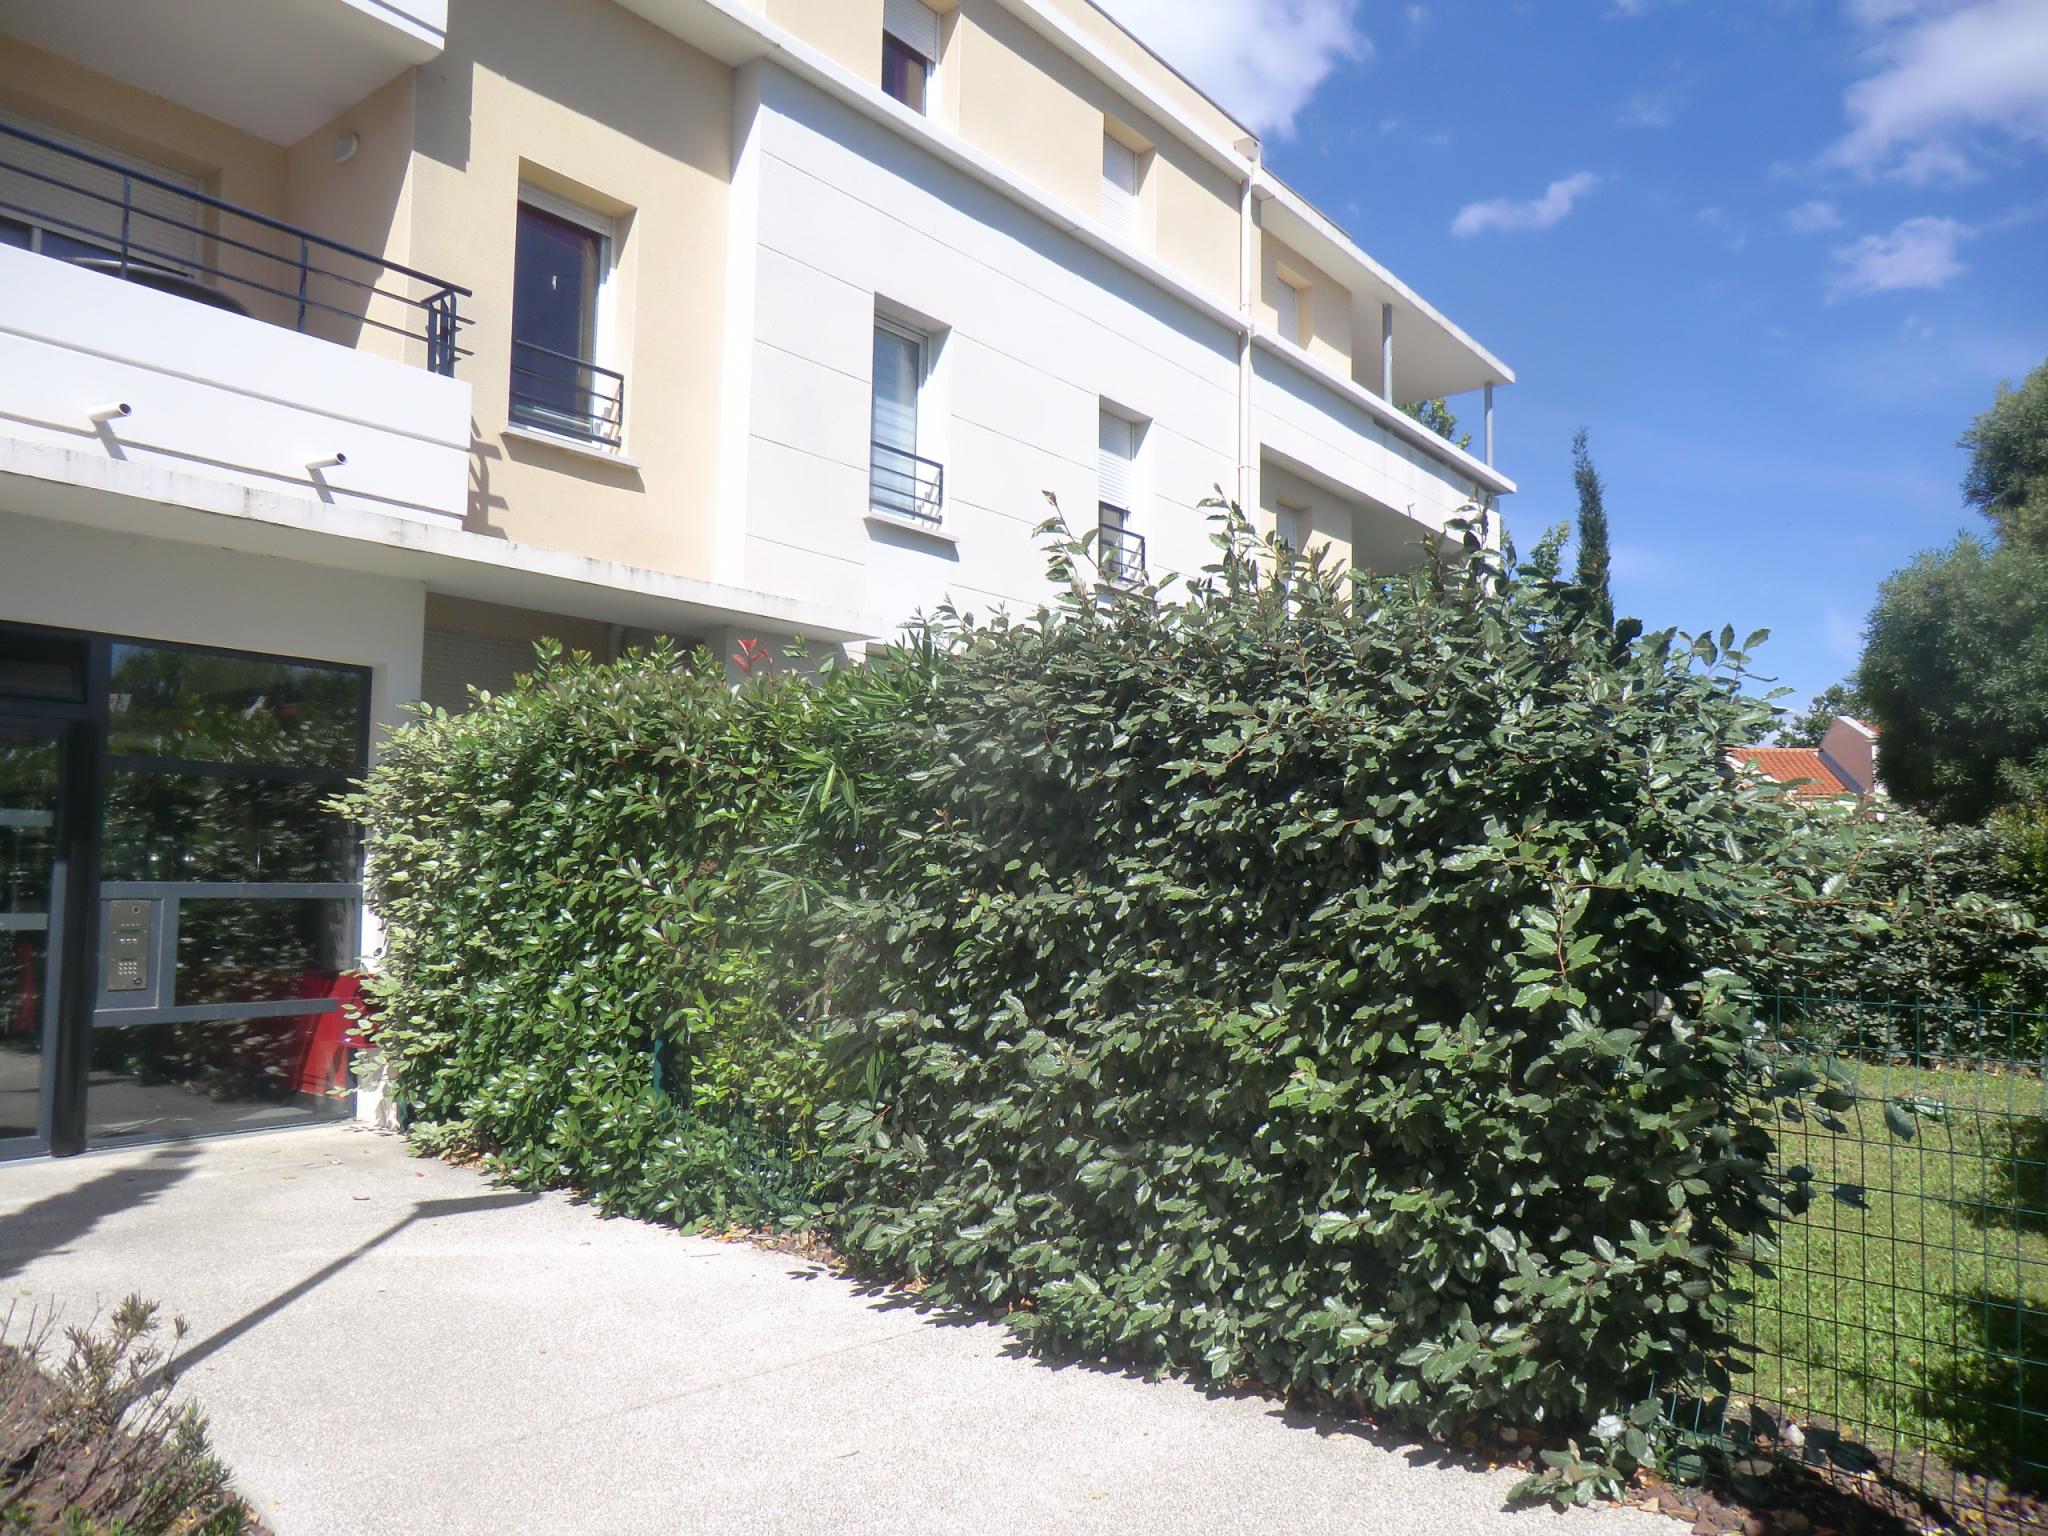 À vendre appartement de 44m2 à argeles sur mer (66700) - Photo 5'